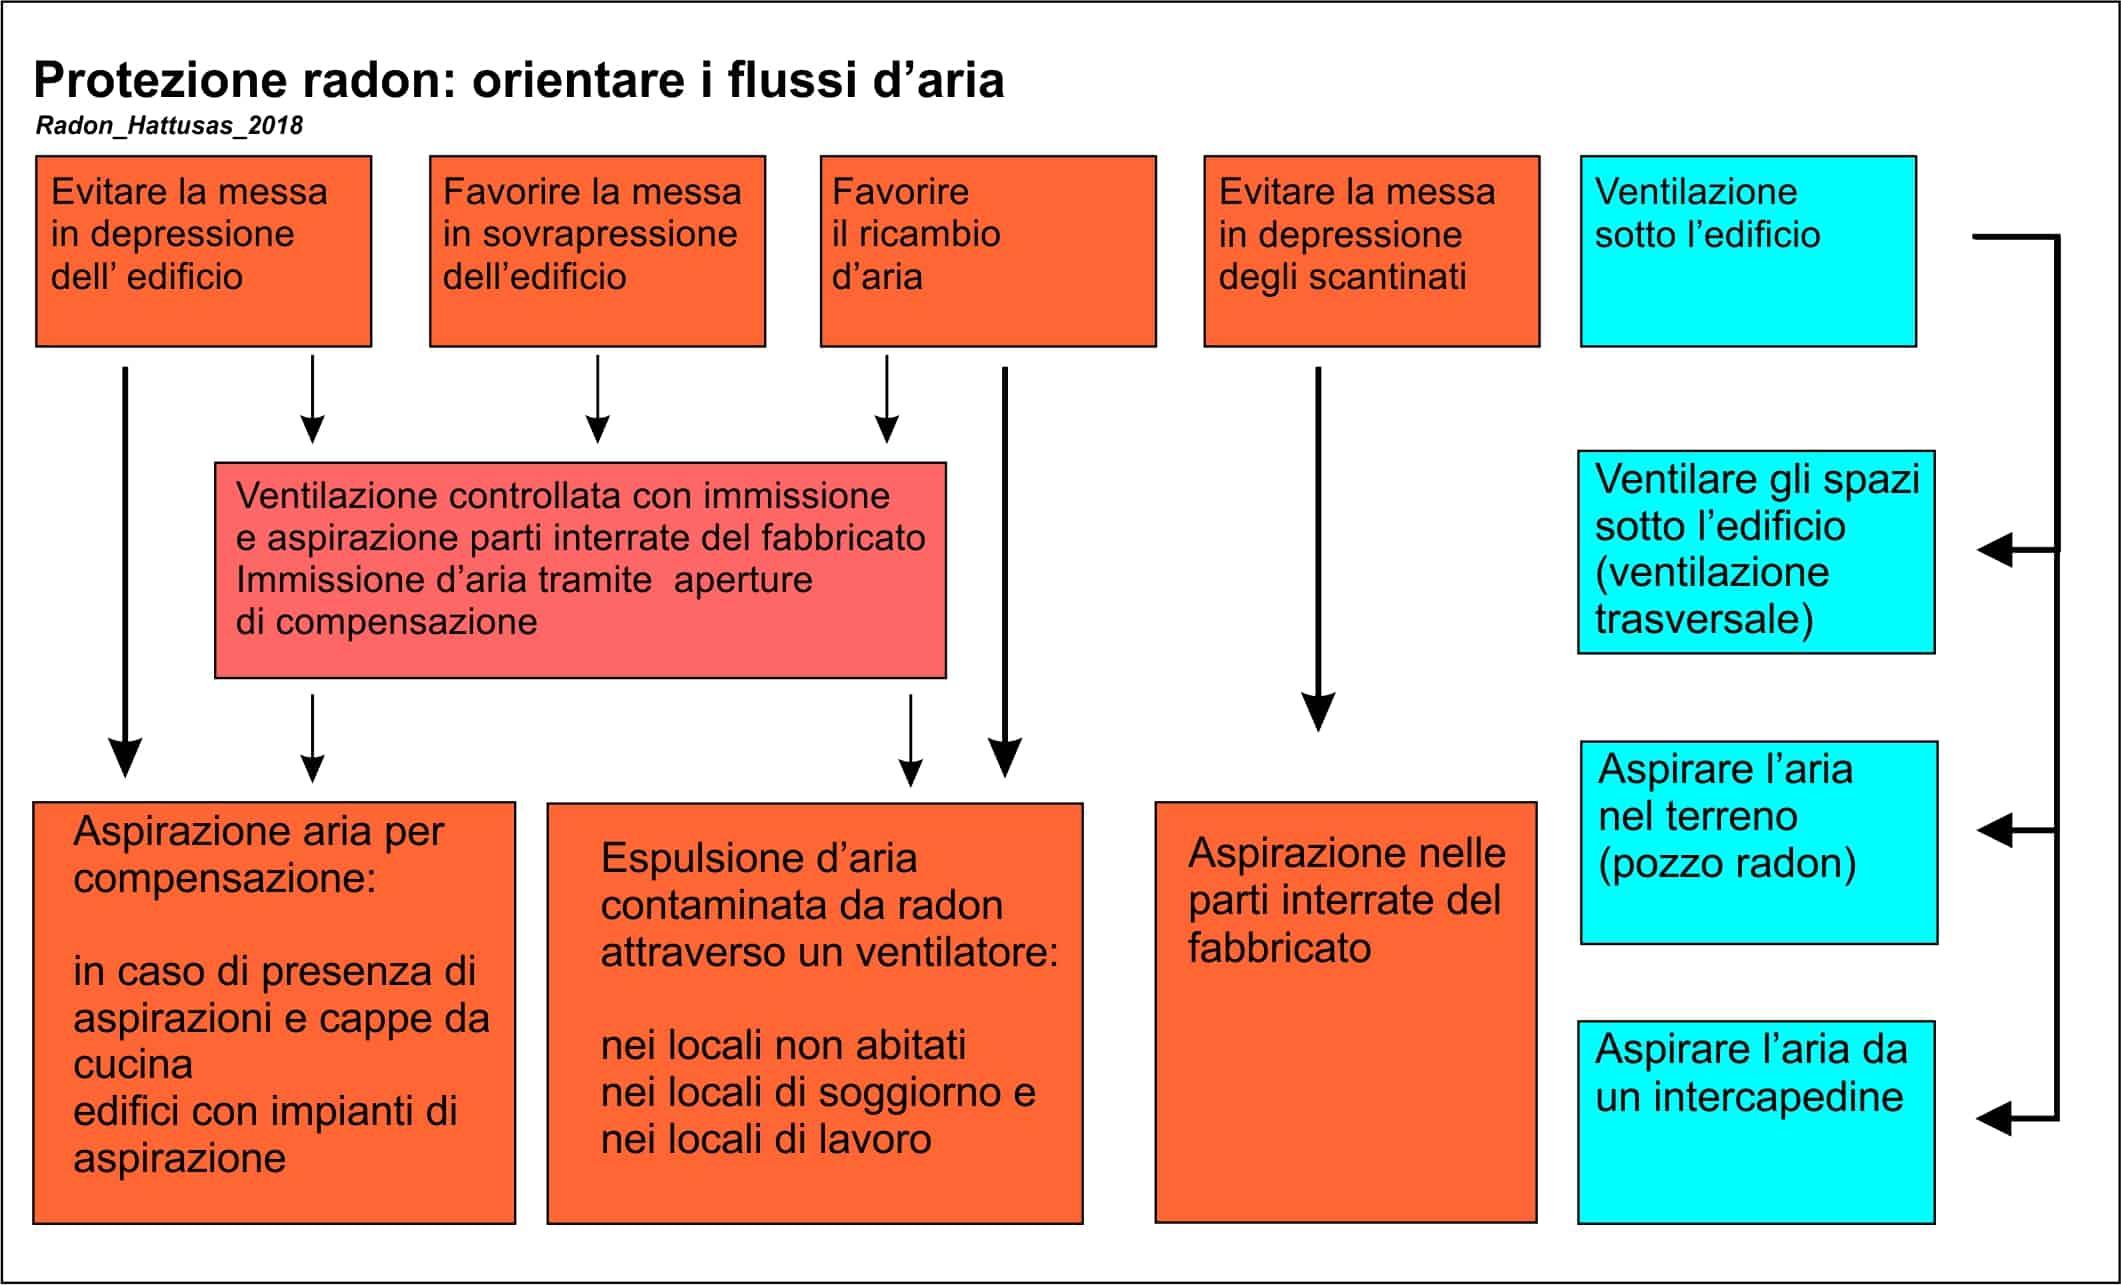 Hattusas - Bonifica Radon - Tecniche di Risanamento e Bonifica - orientare i flussi d'aria